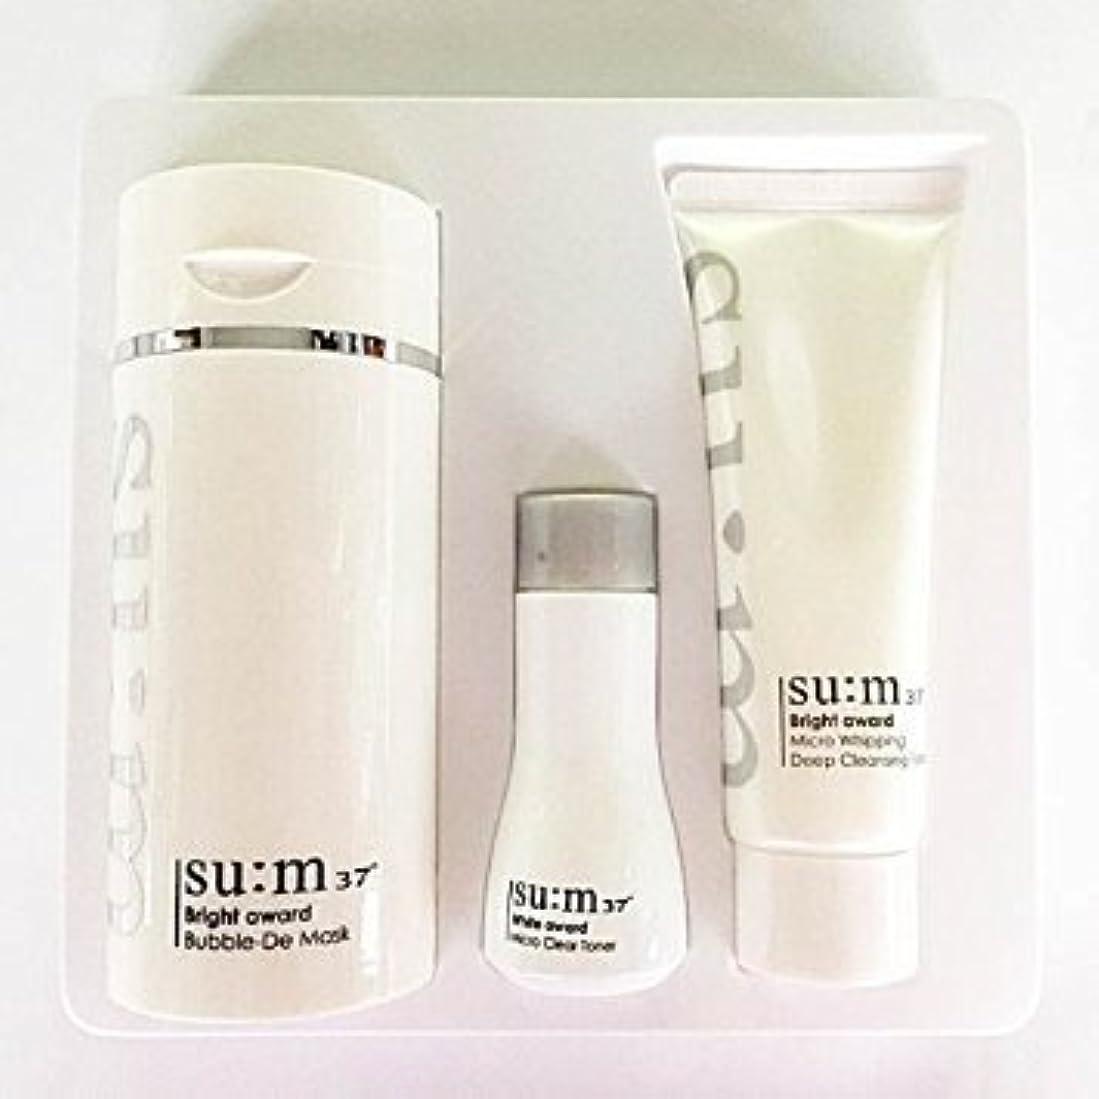 レーニン主義呪われたむき出しSu:m37°(スム37) Su:m 37 White Bright Award Bubble-De Mask Special Set 企画セット [並行輸入品]